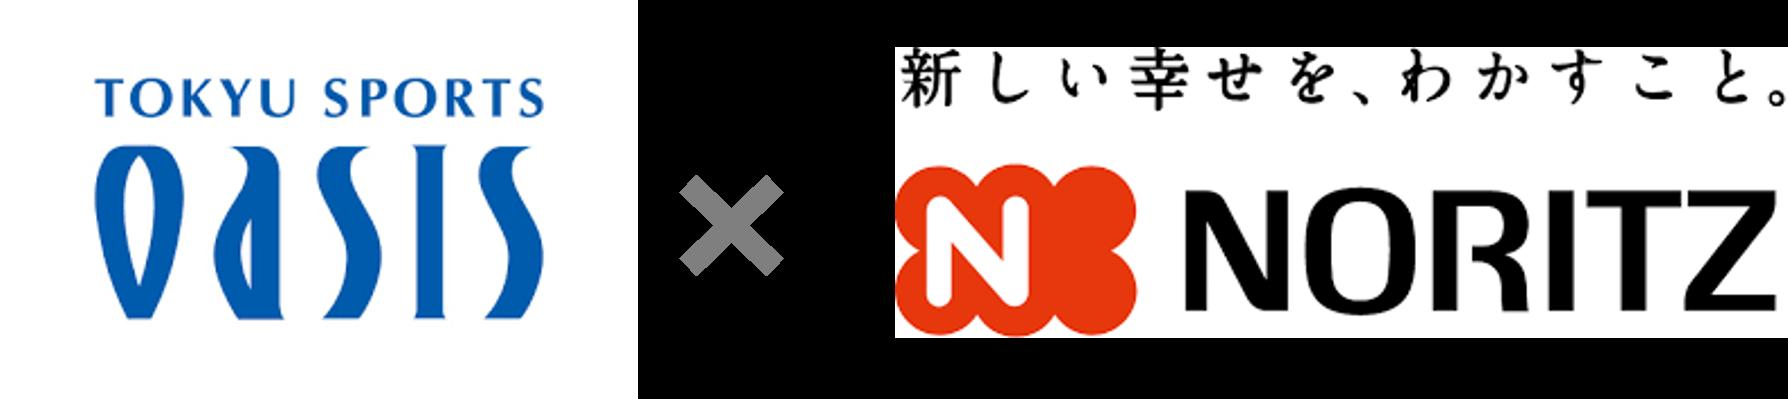 リリース|NORITZのおふろ時間を楽しむアプリ「おふろのじかん」と「WEBGYM」がコラボ!